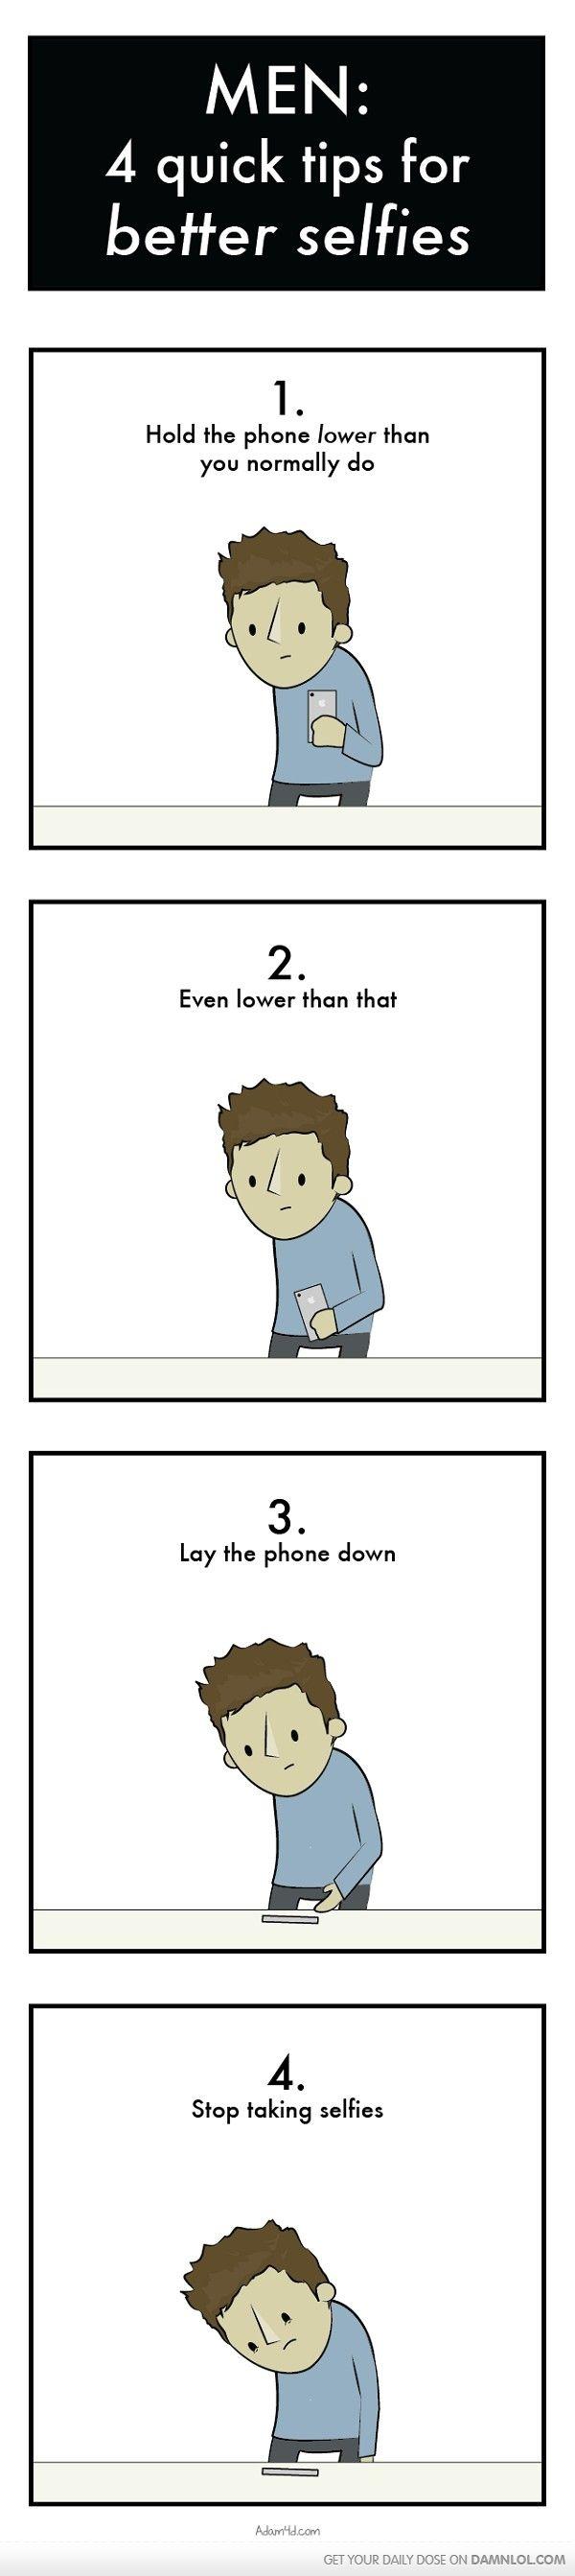 Men 4 Quick Tips For Better Selfies